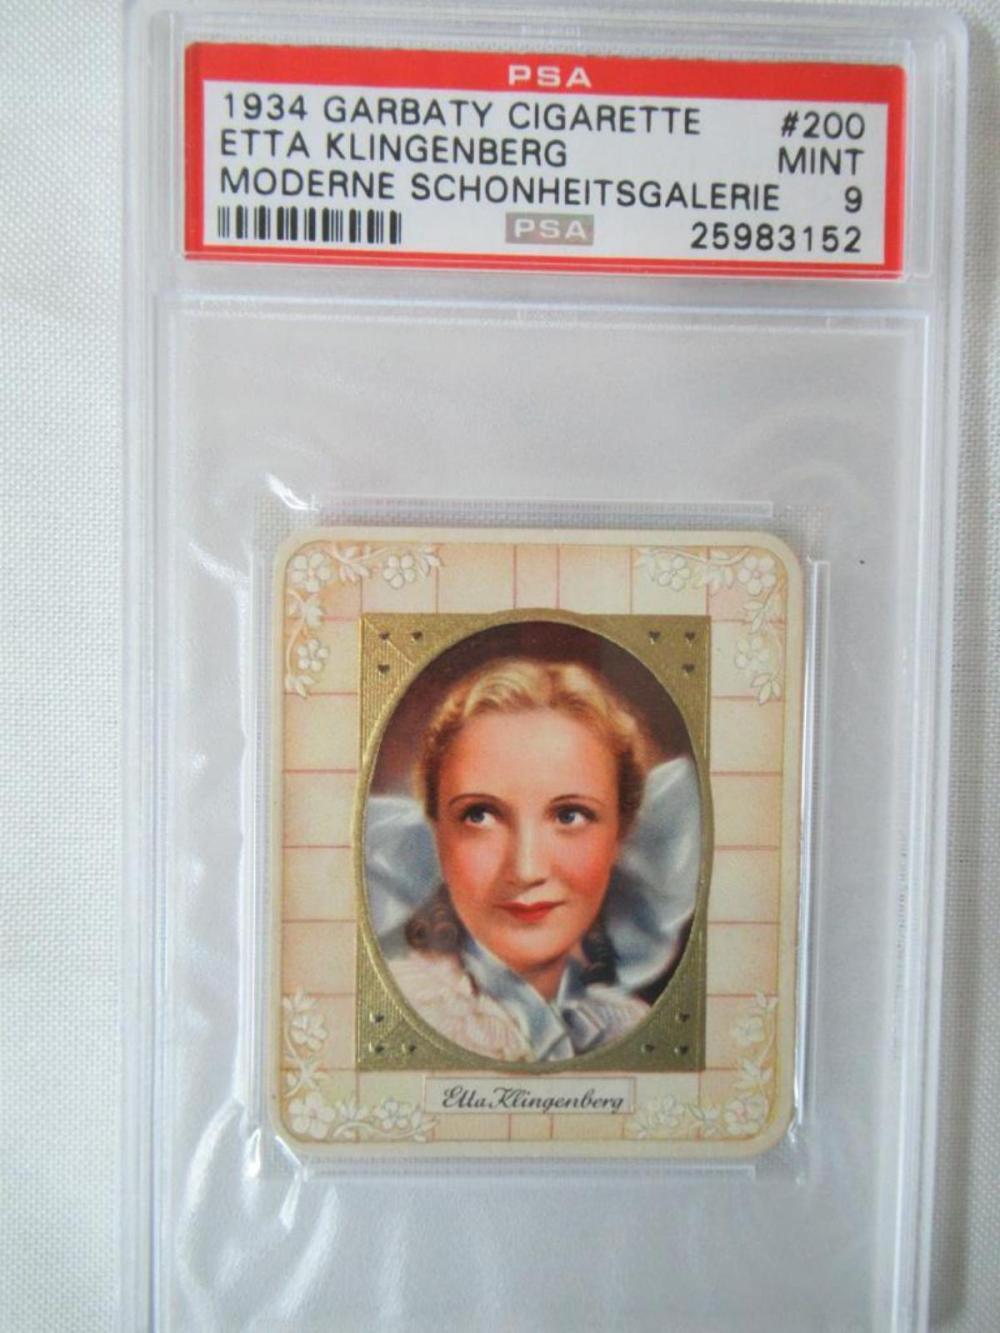 1934 Garbaty Cigarette Etta Klingenberg #200 PSA 9